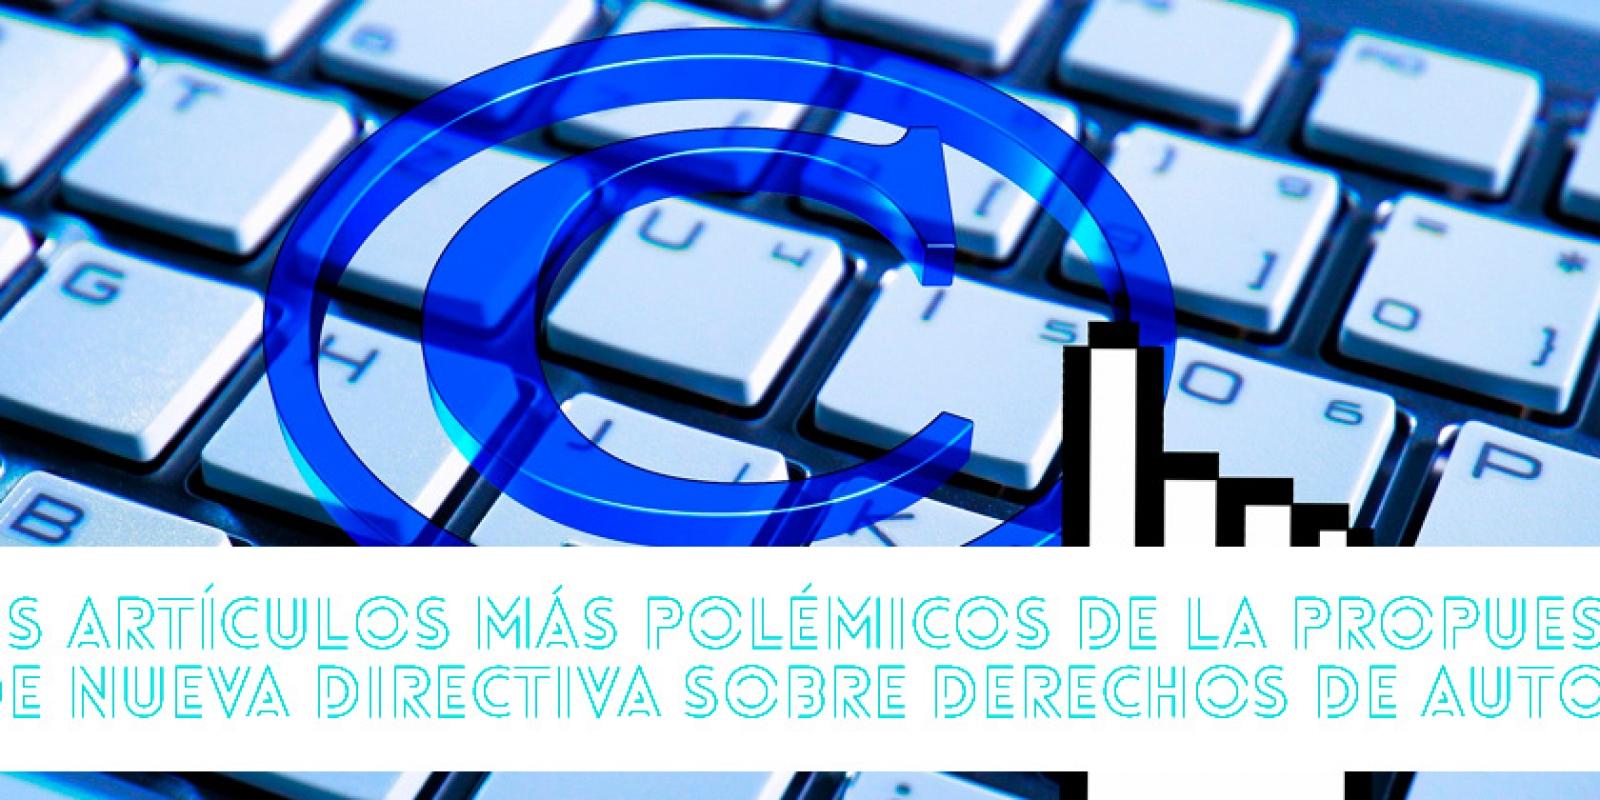 La propuesta de nueva directiva sobre derechos de autor